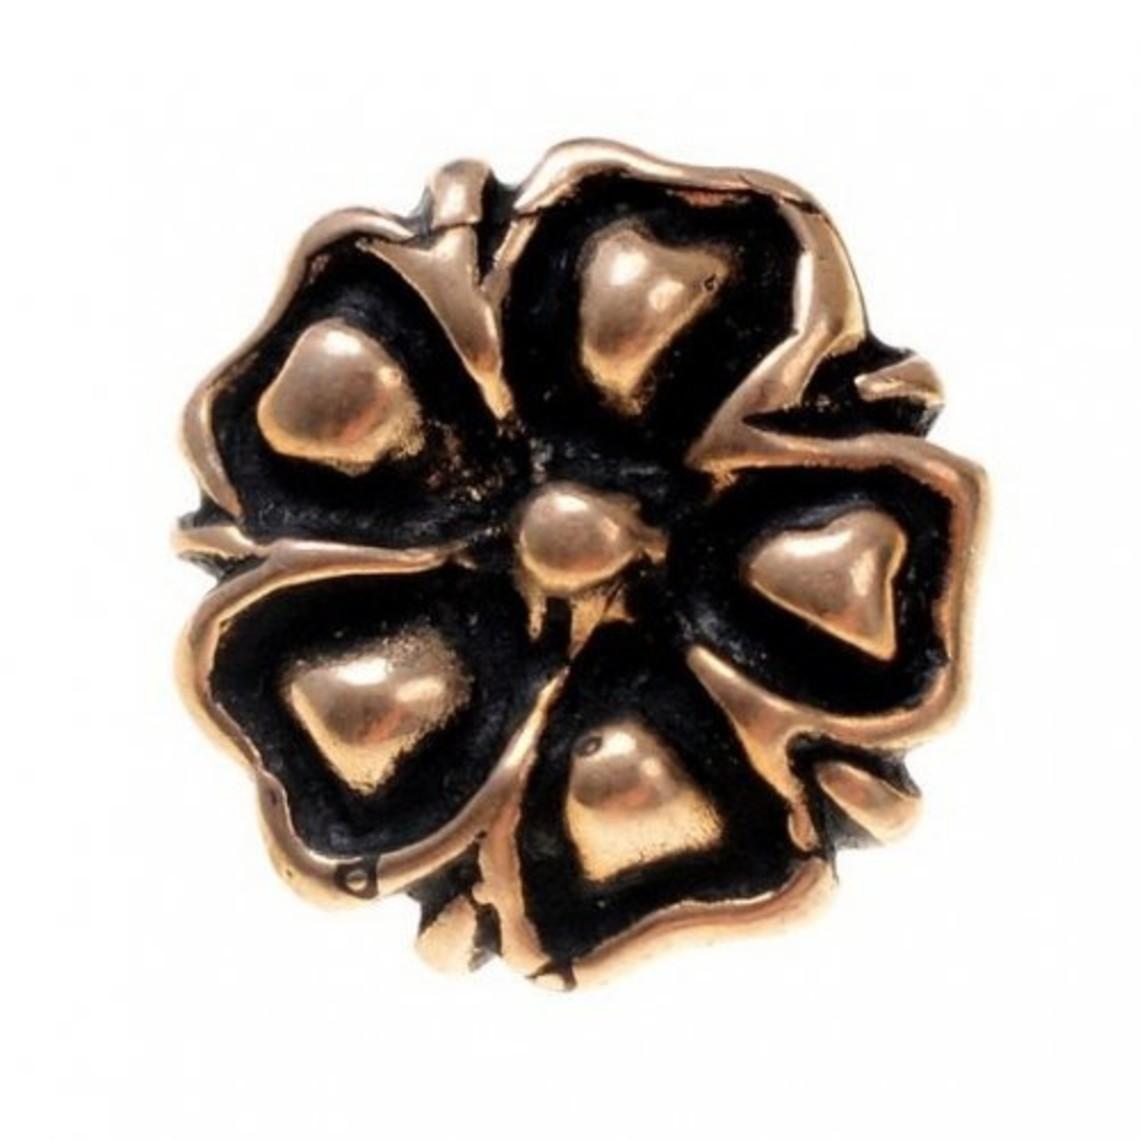 14. århundrede knapper blomstre, sæt af 5 stykker, bronze